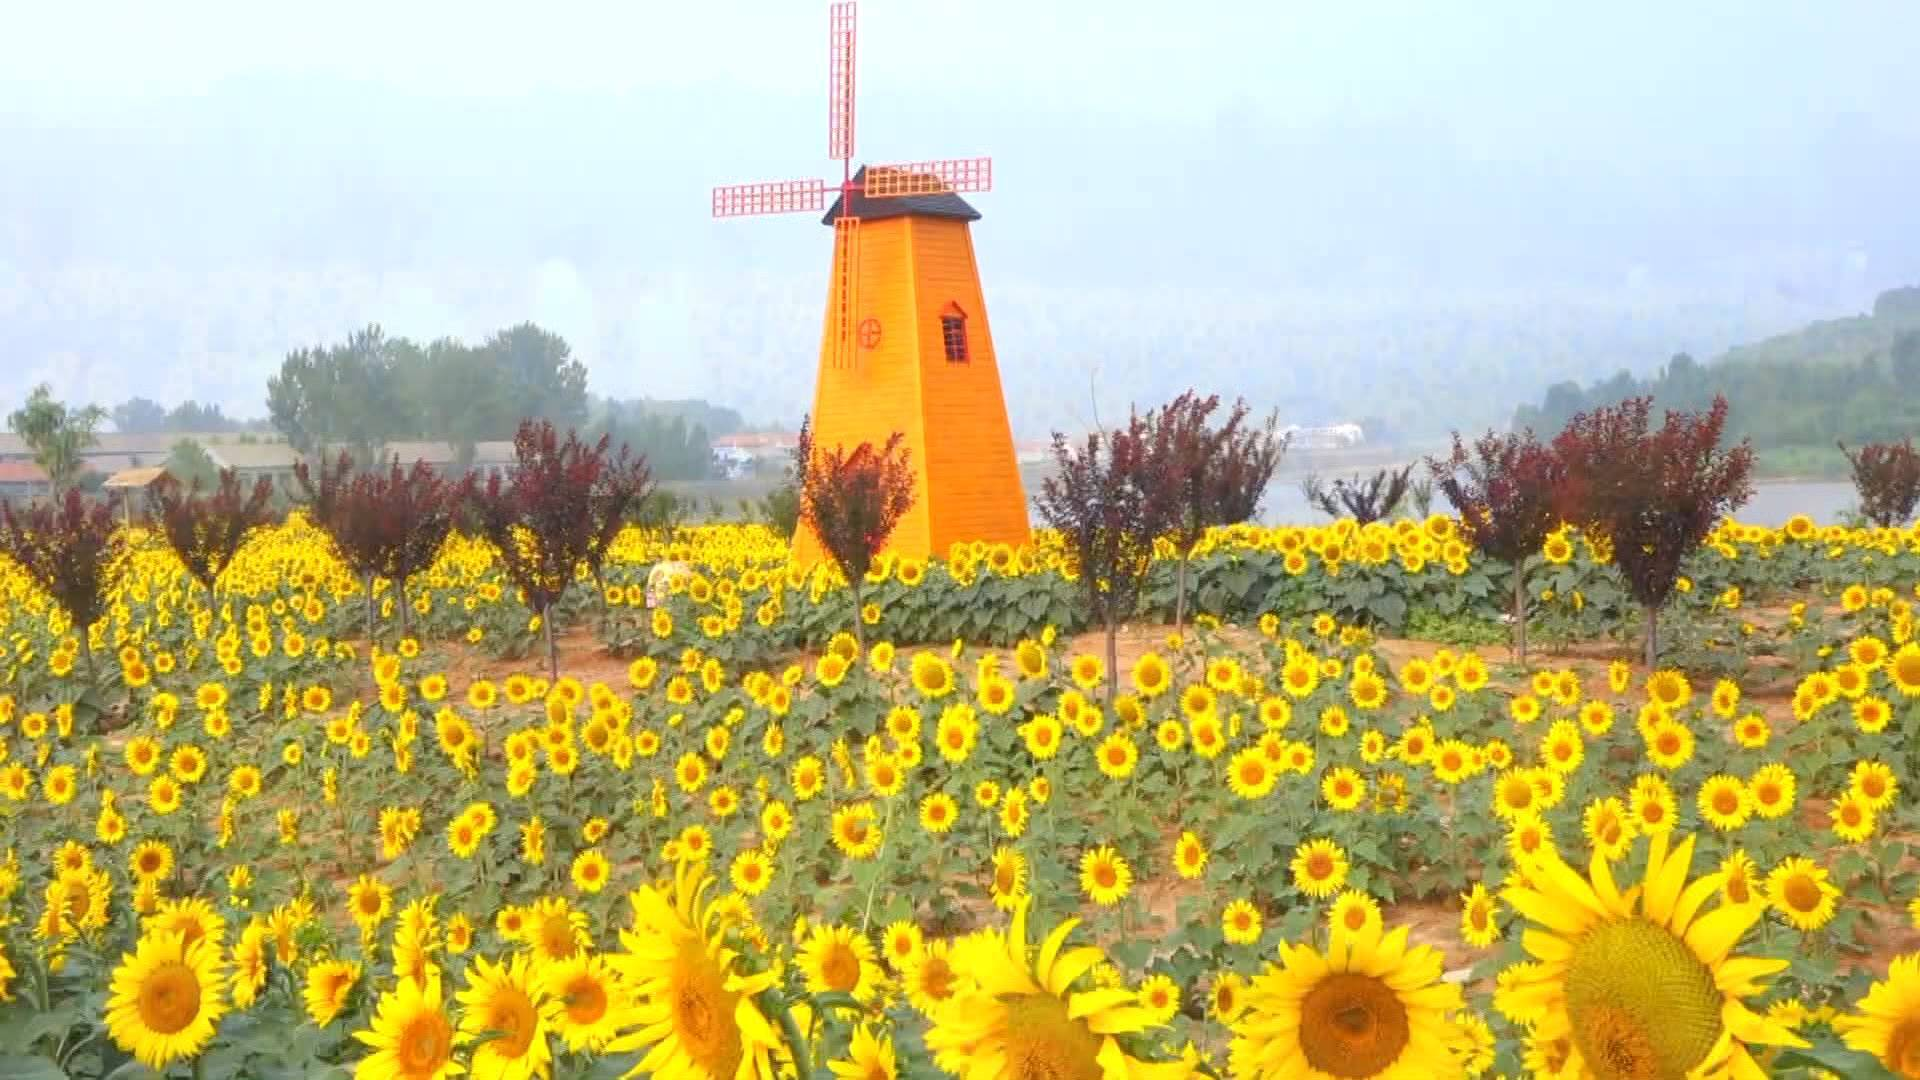 花开盛夏!荷花、向日葵、绣球、紫薇……快来山东这几个地方赏花度夏吧